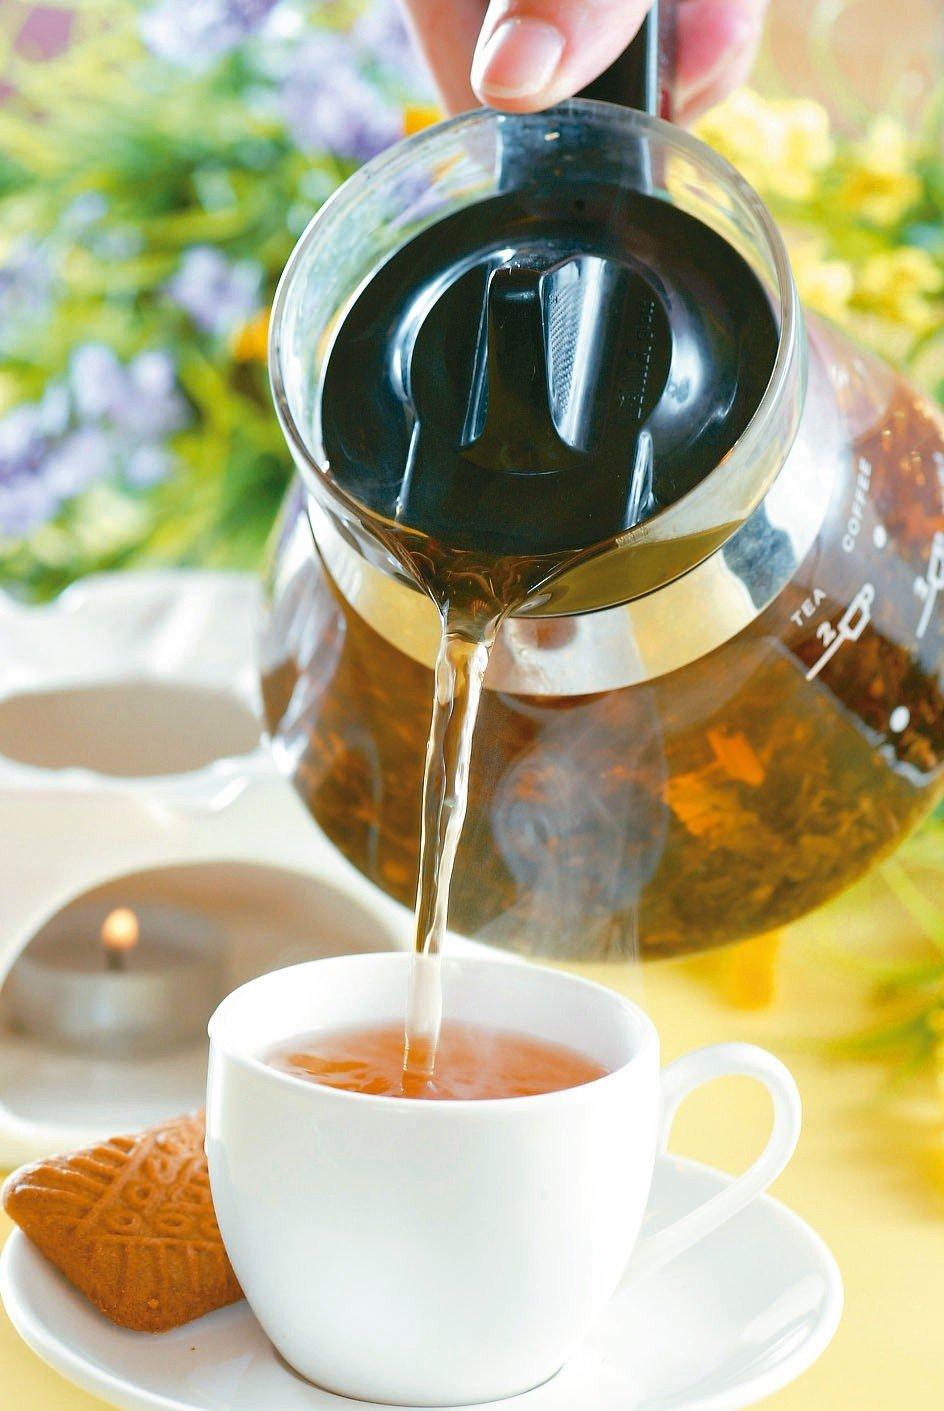 別把花草茶當水喝。 圖/聯合報系資料照片